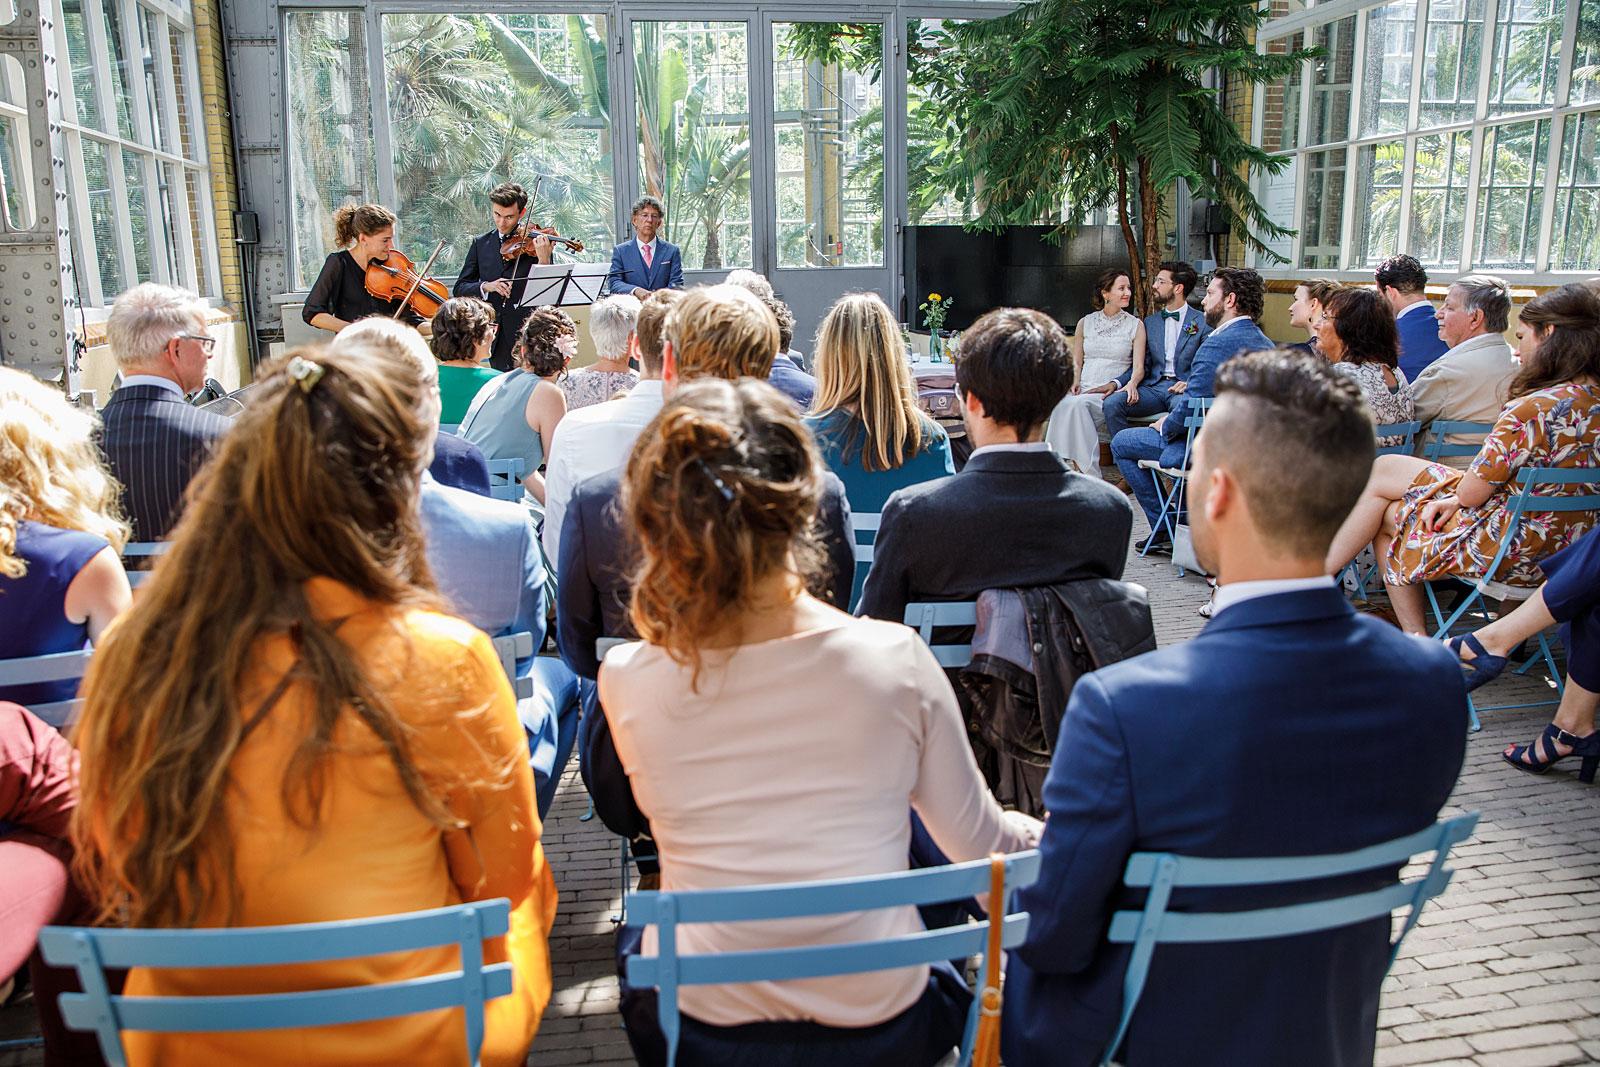 27-trouwceremonie-hortus-botanicus-amsterdam